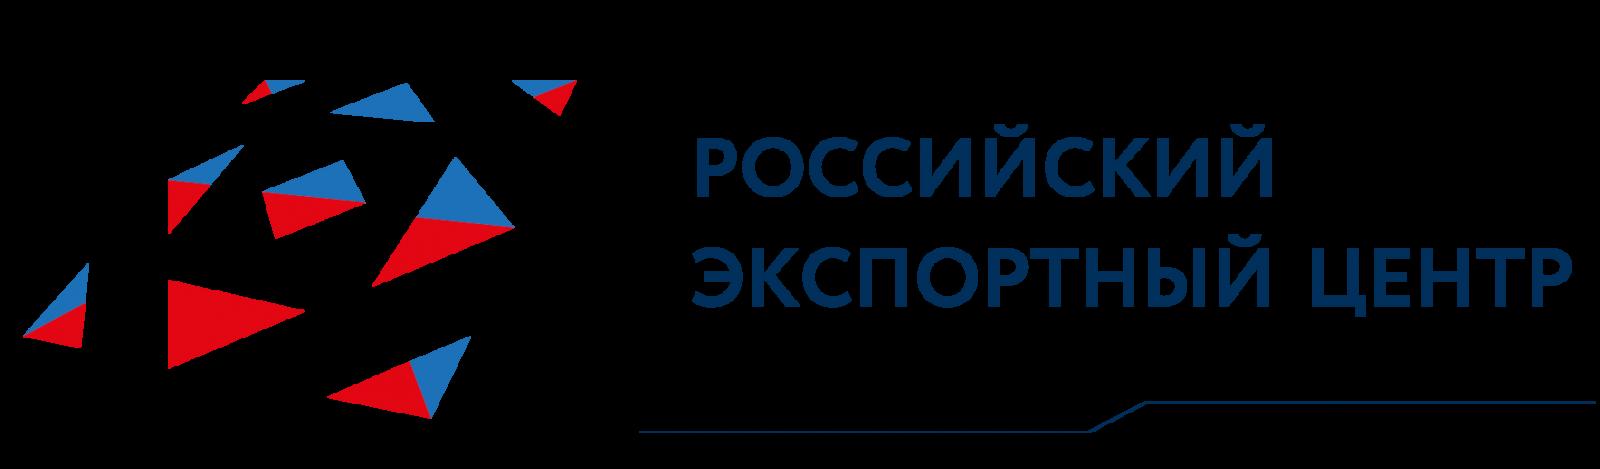 """Корпоративный портал АО """"Российский экспортный центр"""""""